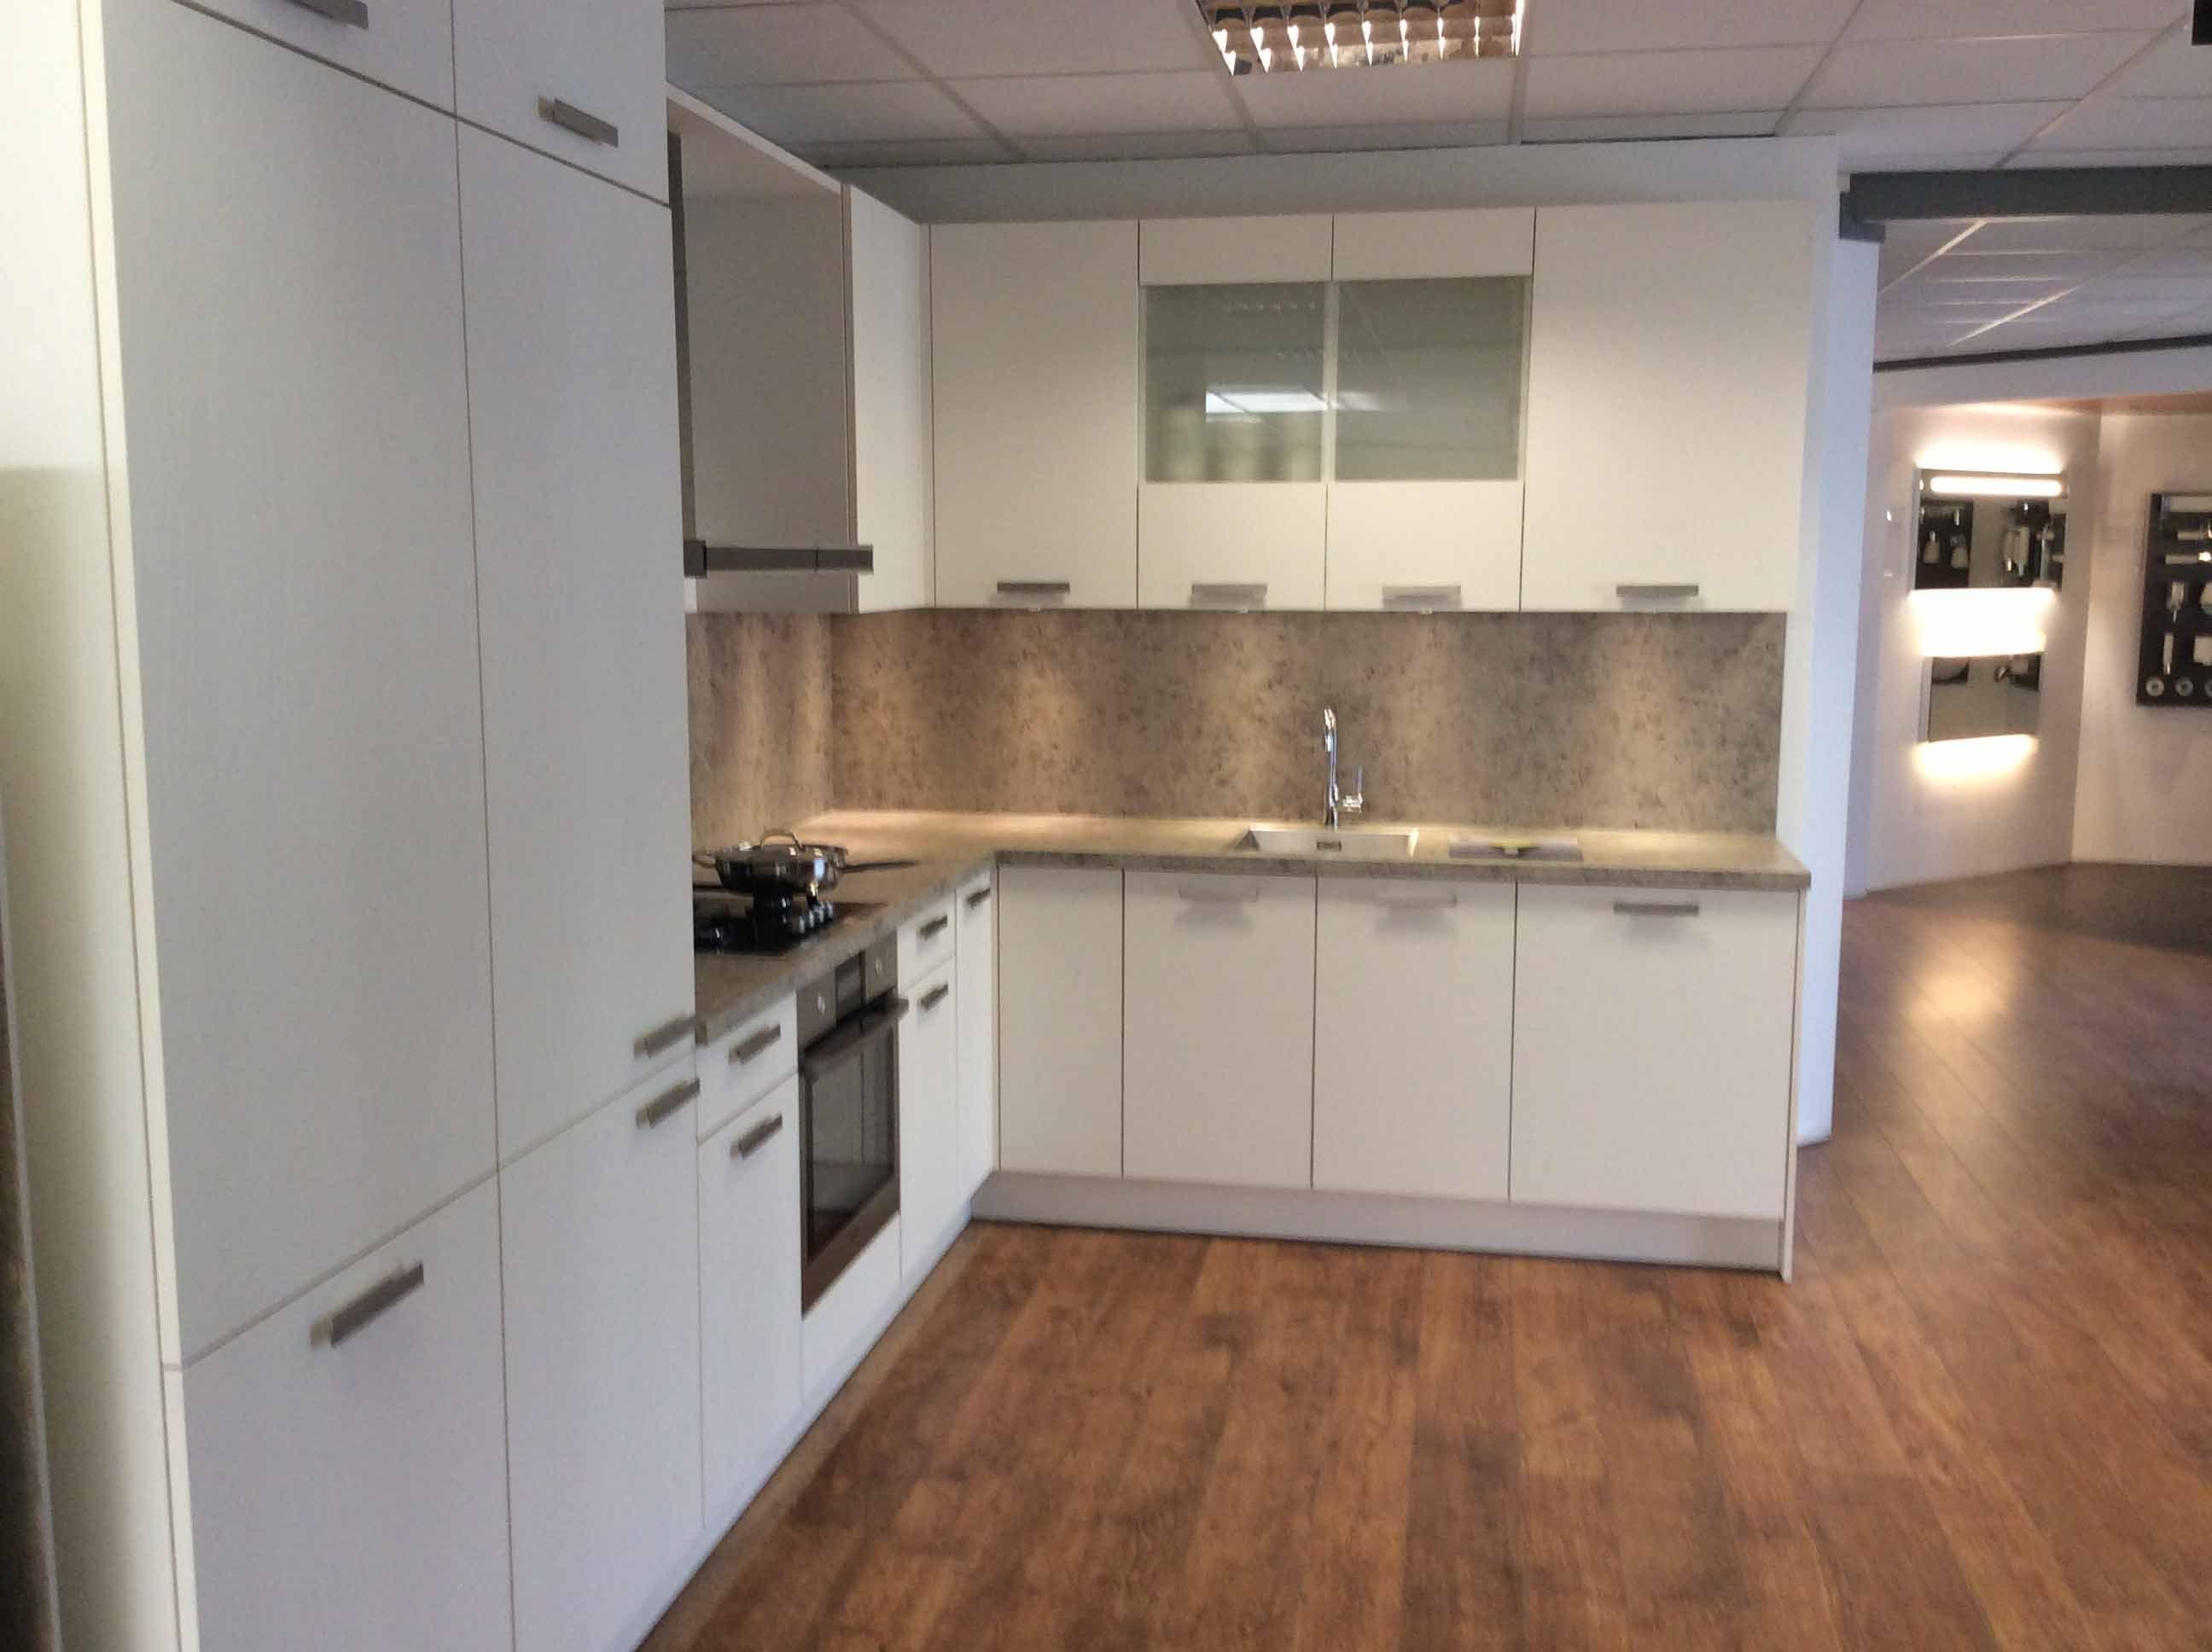 Nolte keukens apeldoorn bezoek aan nolte keukens vestigingen en